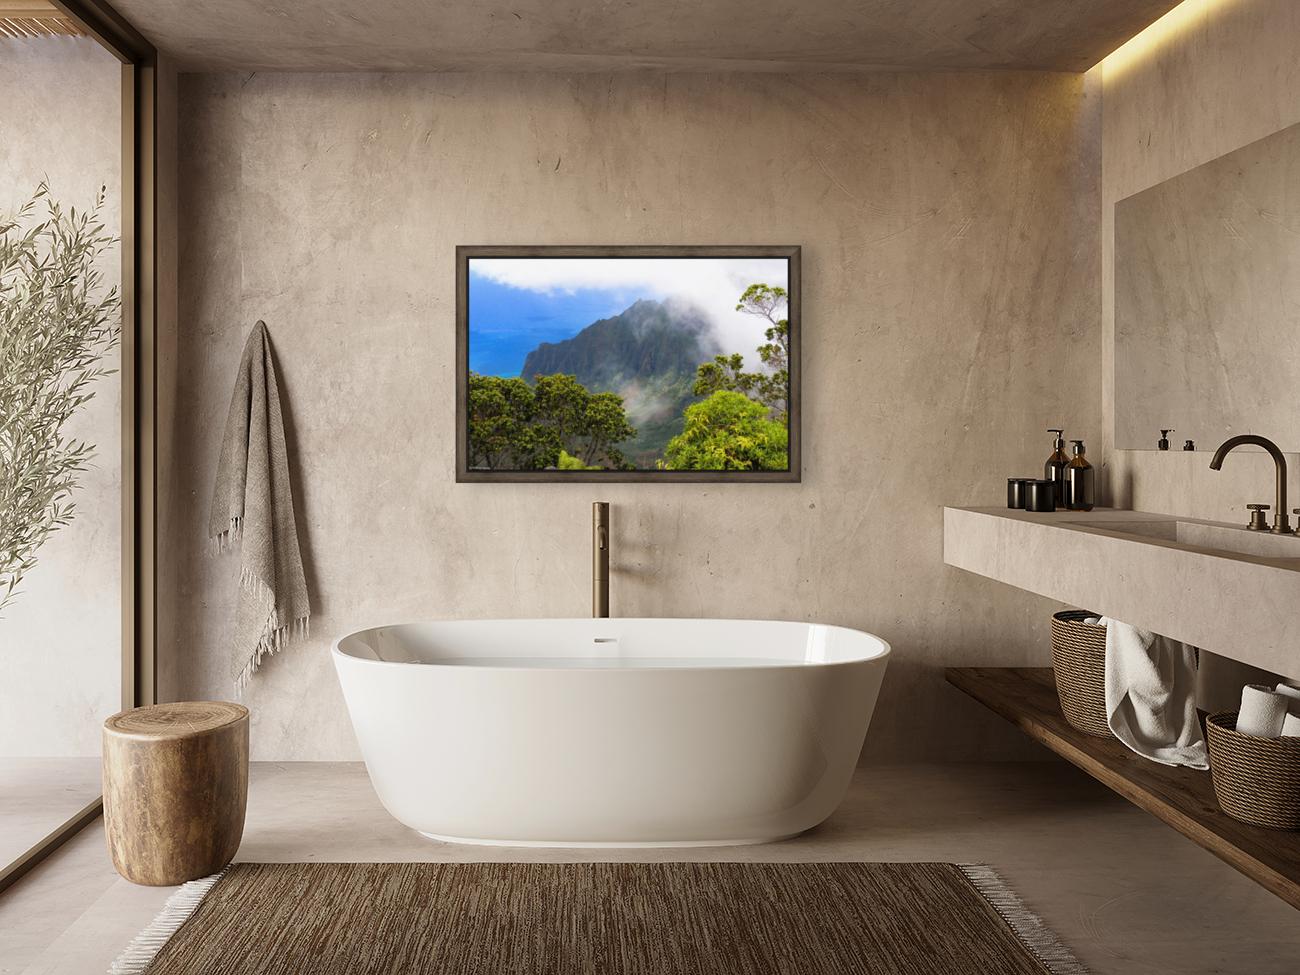 Wild Kauai 3  Art